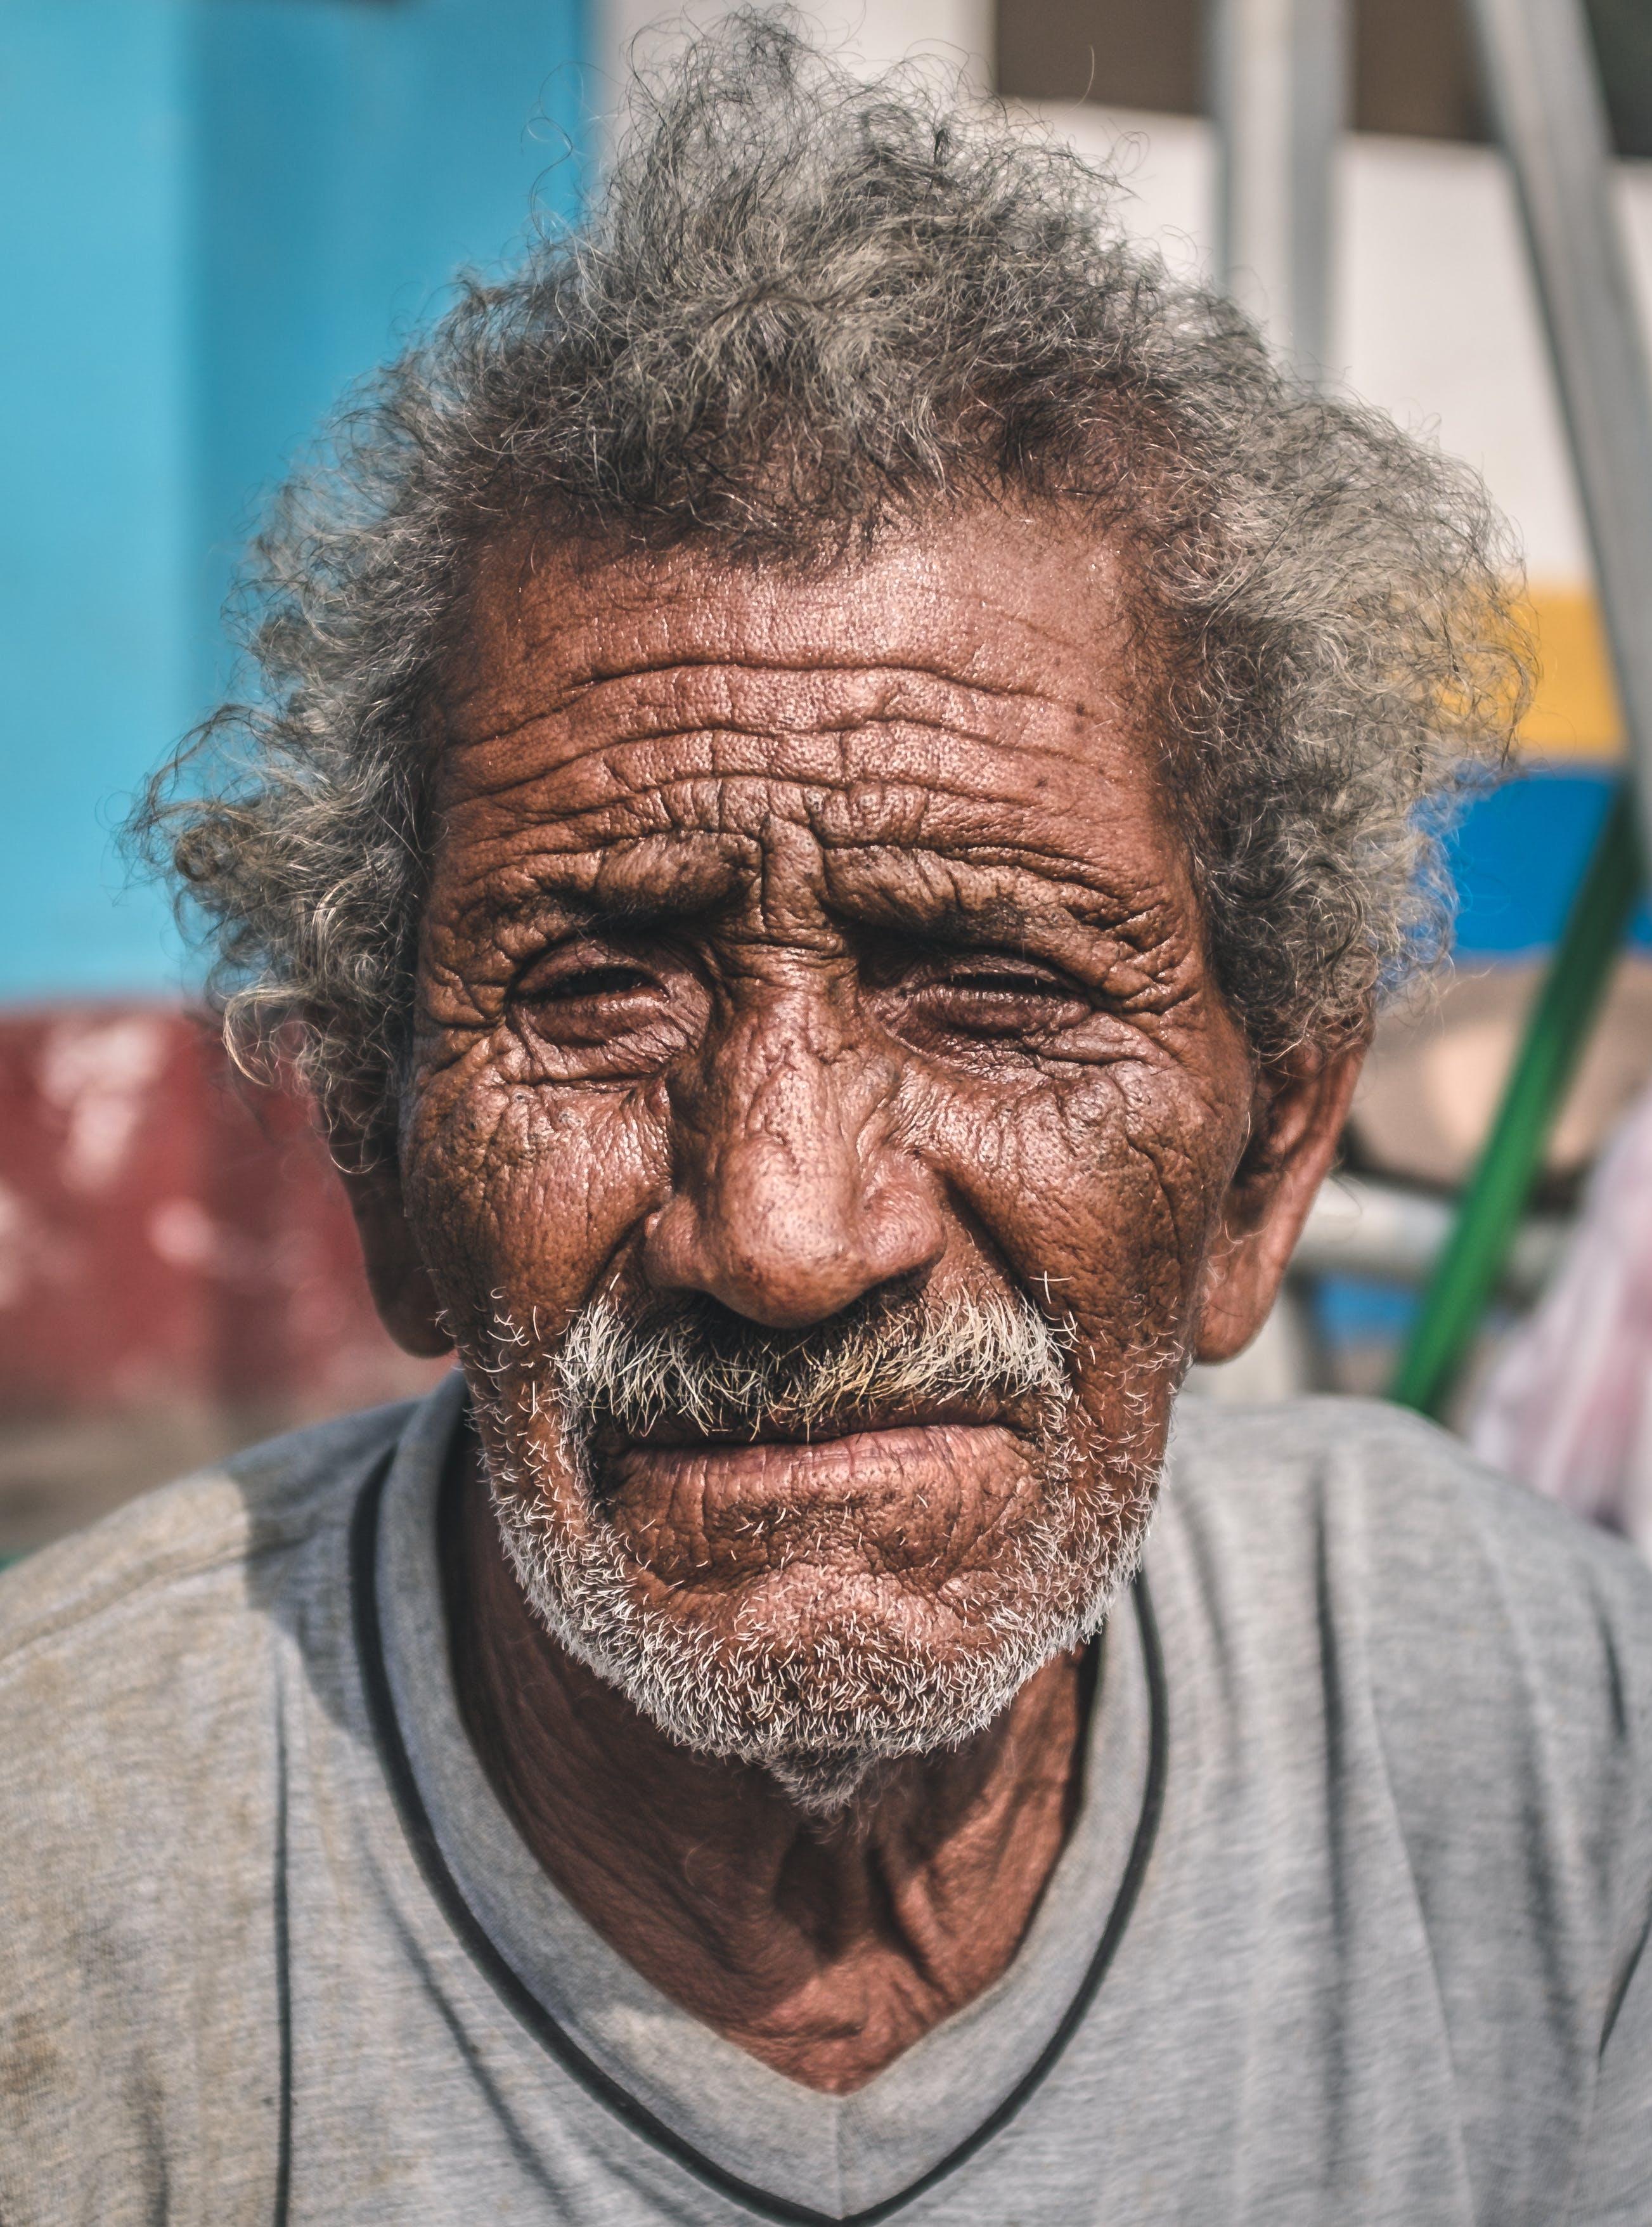 Δωρεάν στοκ φωτογραφιών με ρυτίδες, ψαράς